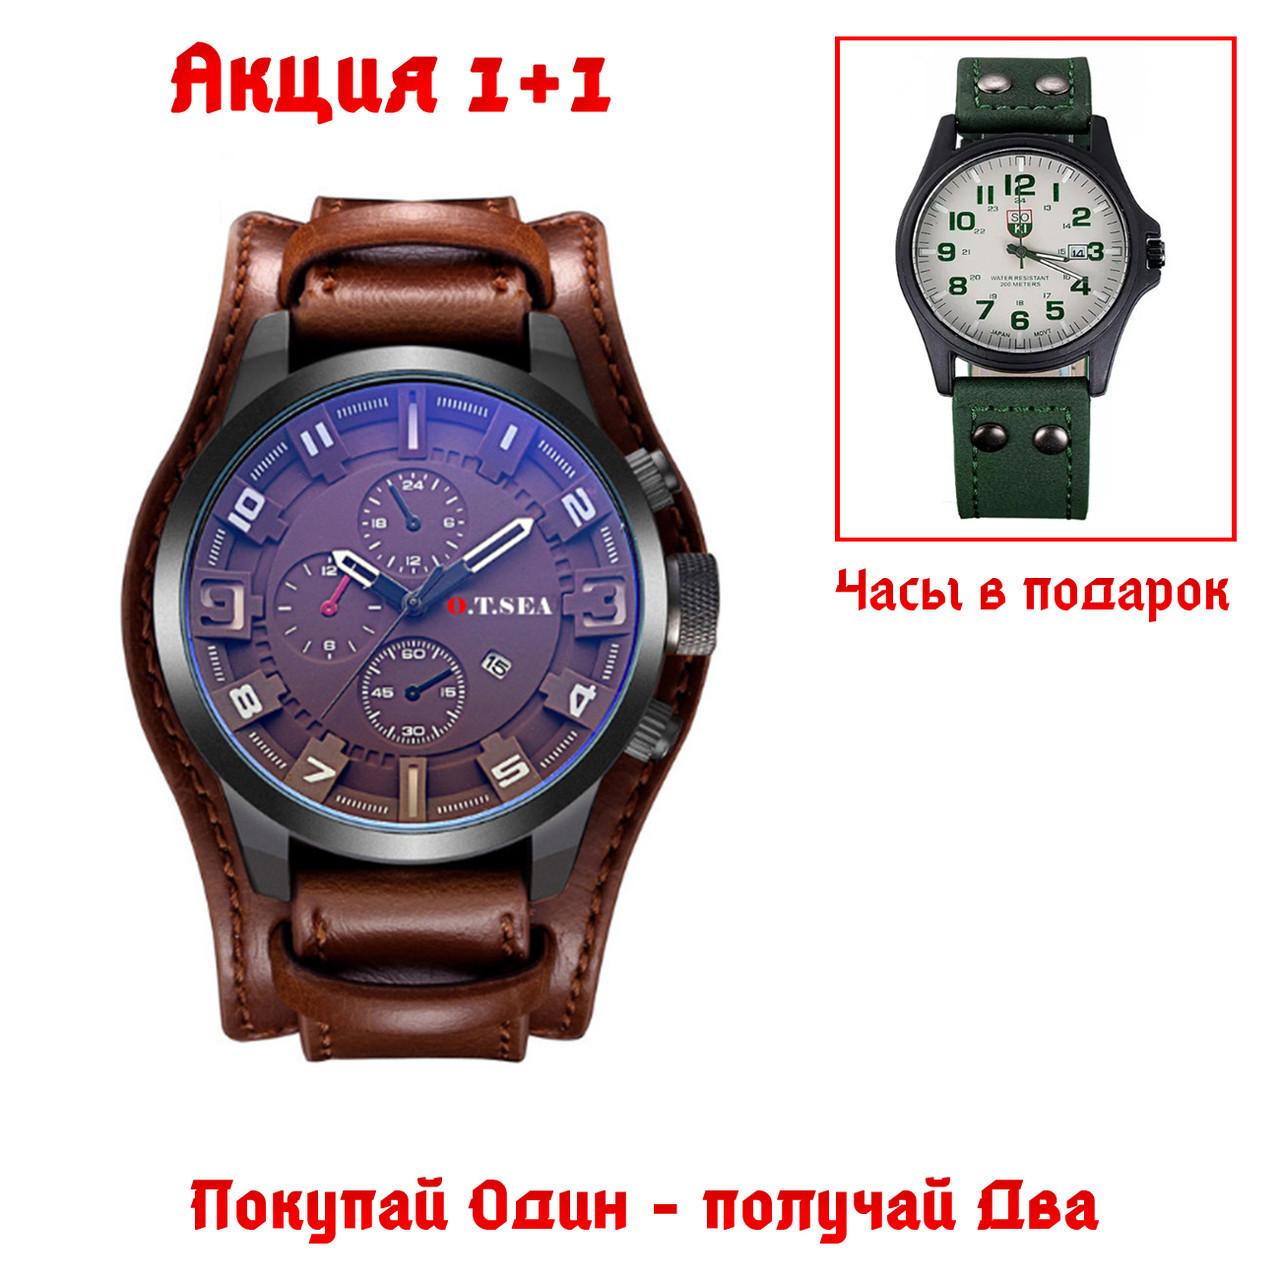 Часы наручные мужские O.T.SEA + Подарок!